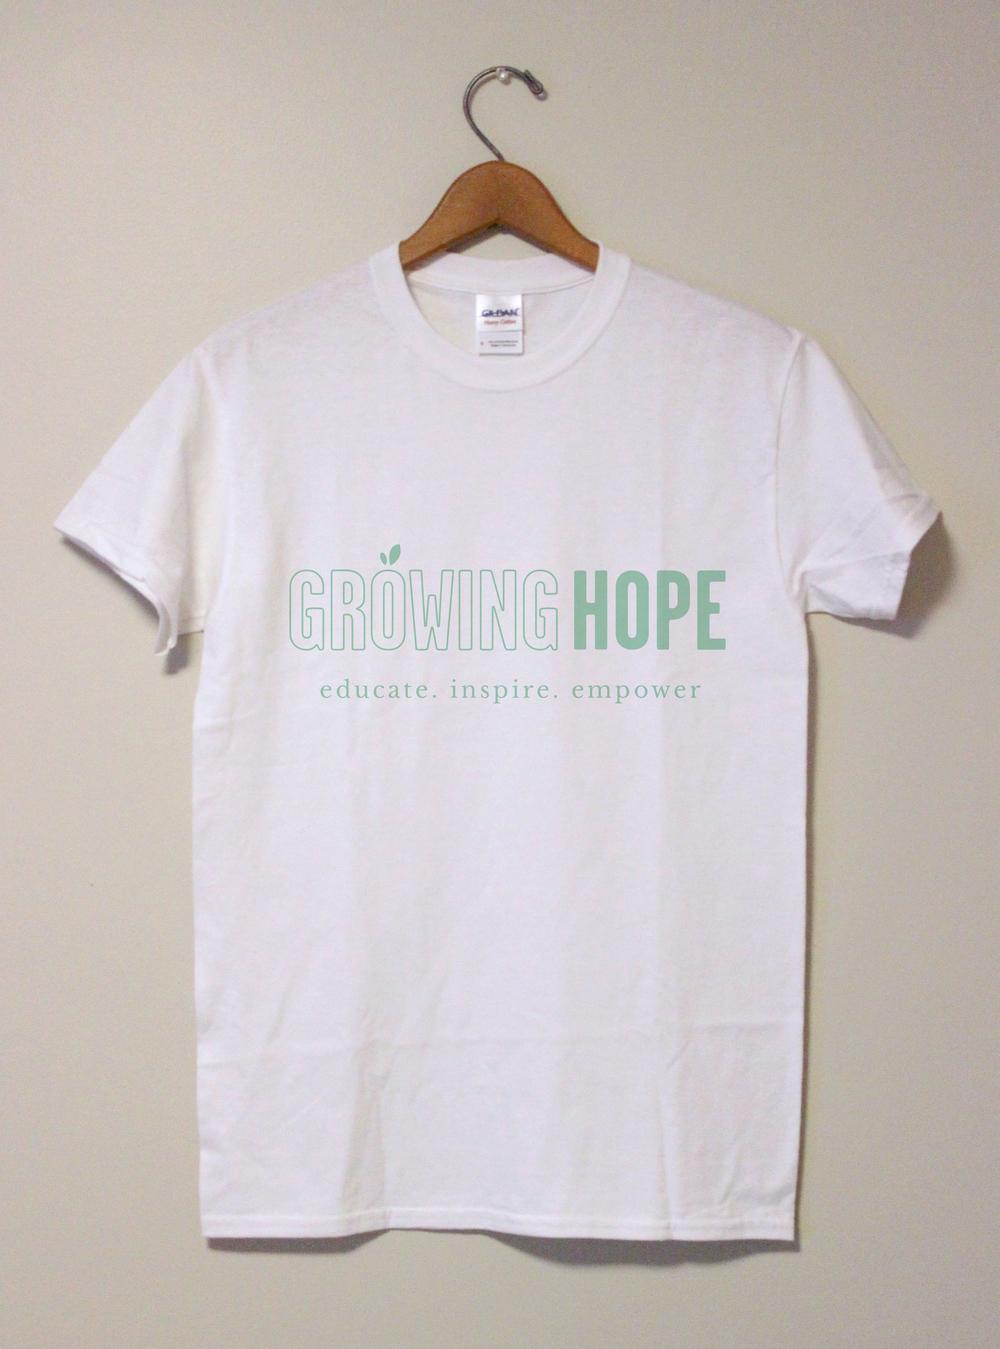 GrowingHope_tshirt.jpg